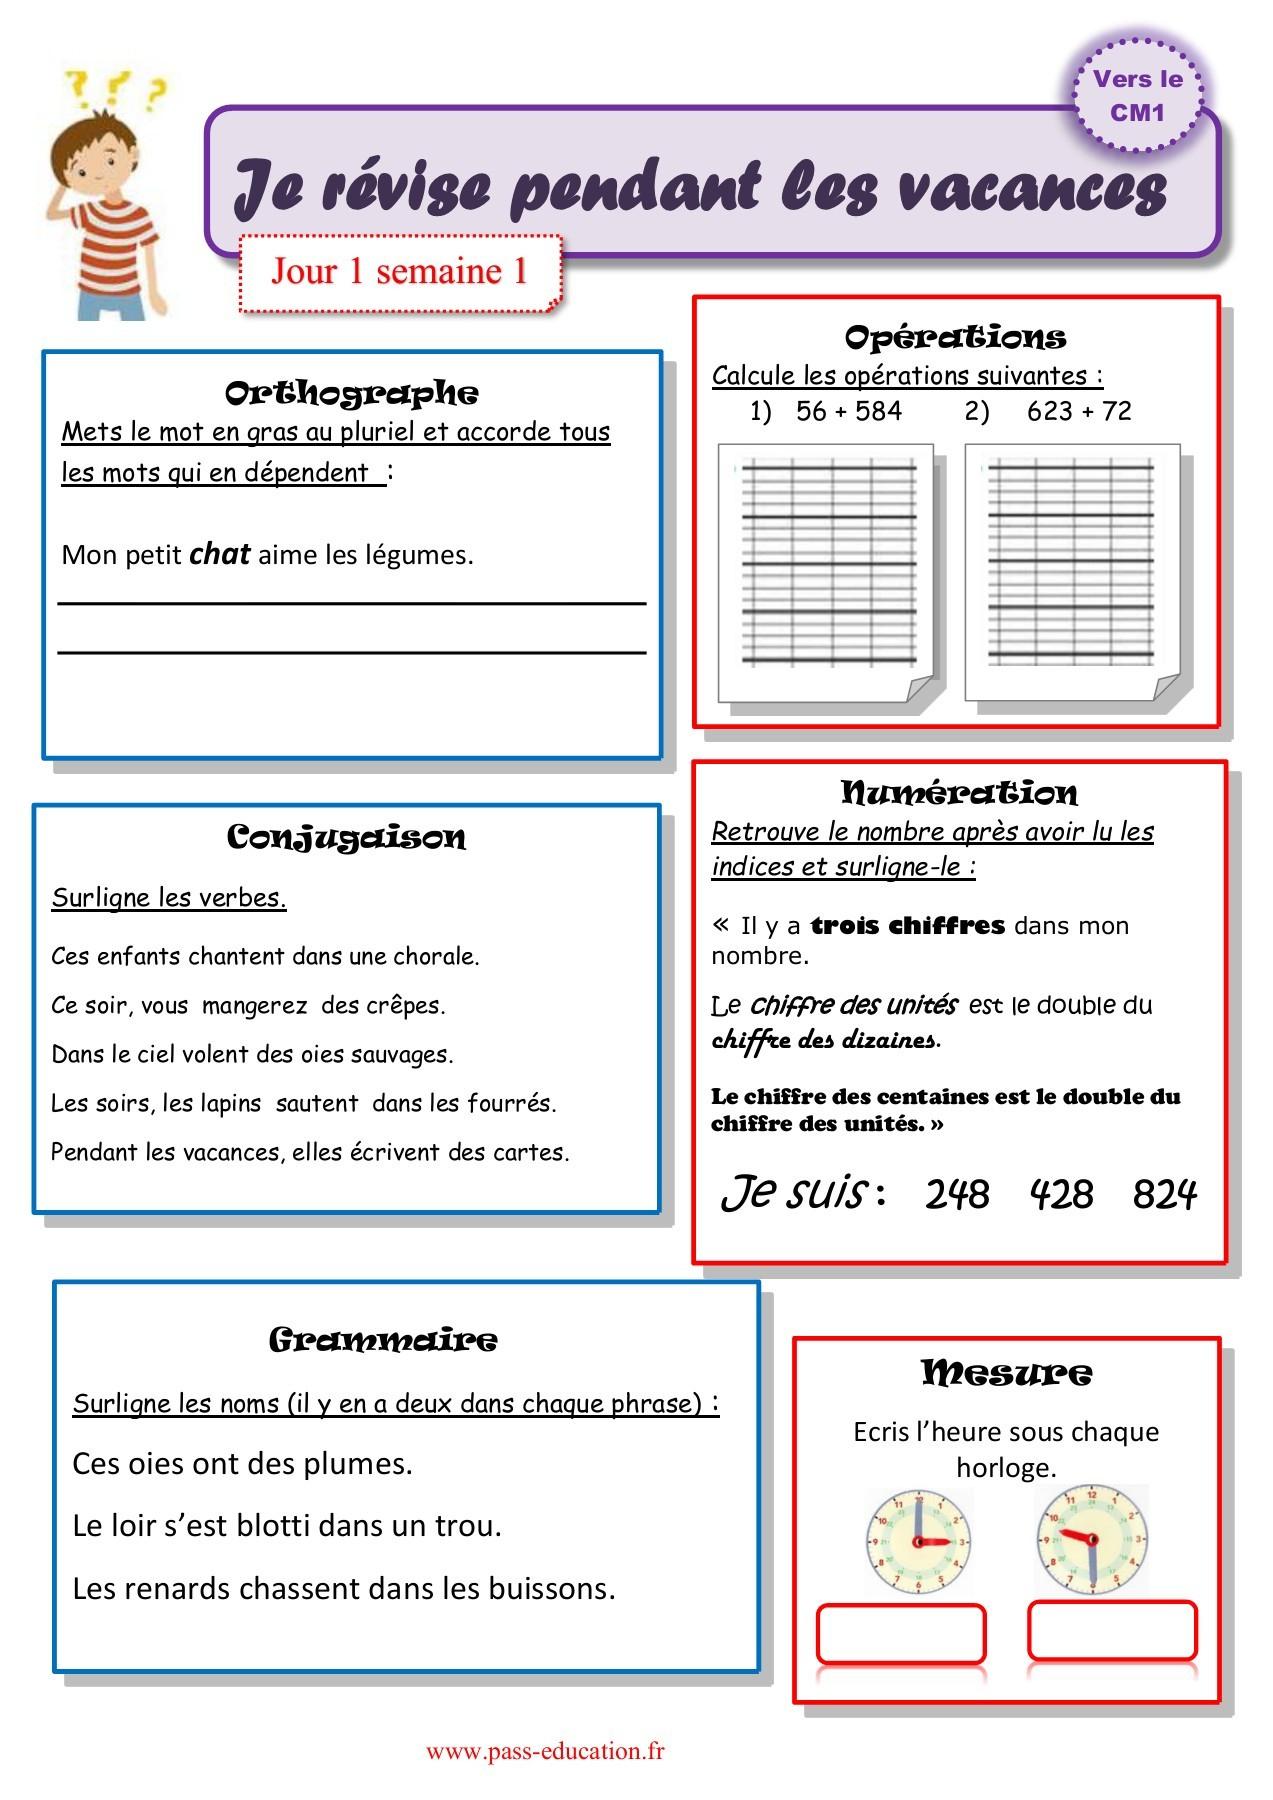 Cahier De Vacances Gratuit À Imprimer - Ce2 Vers Le Cm1 avec Cahier De Vacances 1Ere S